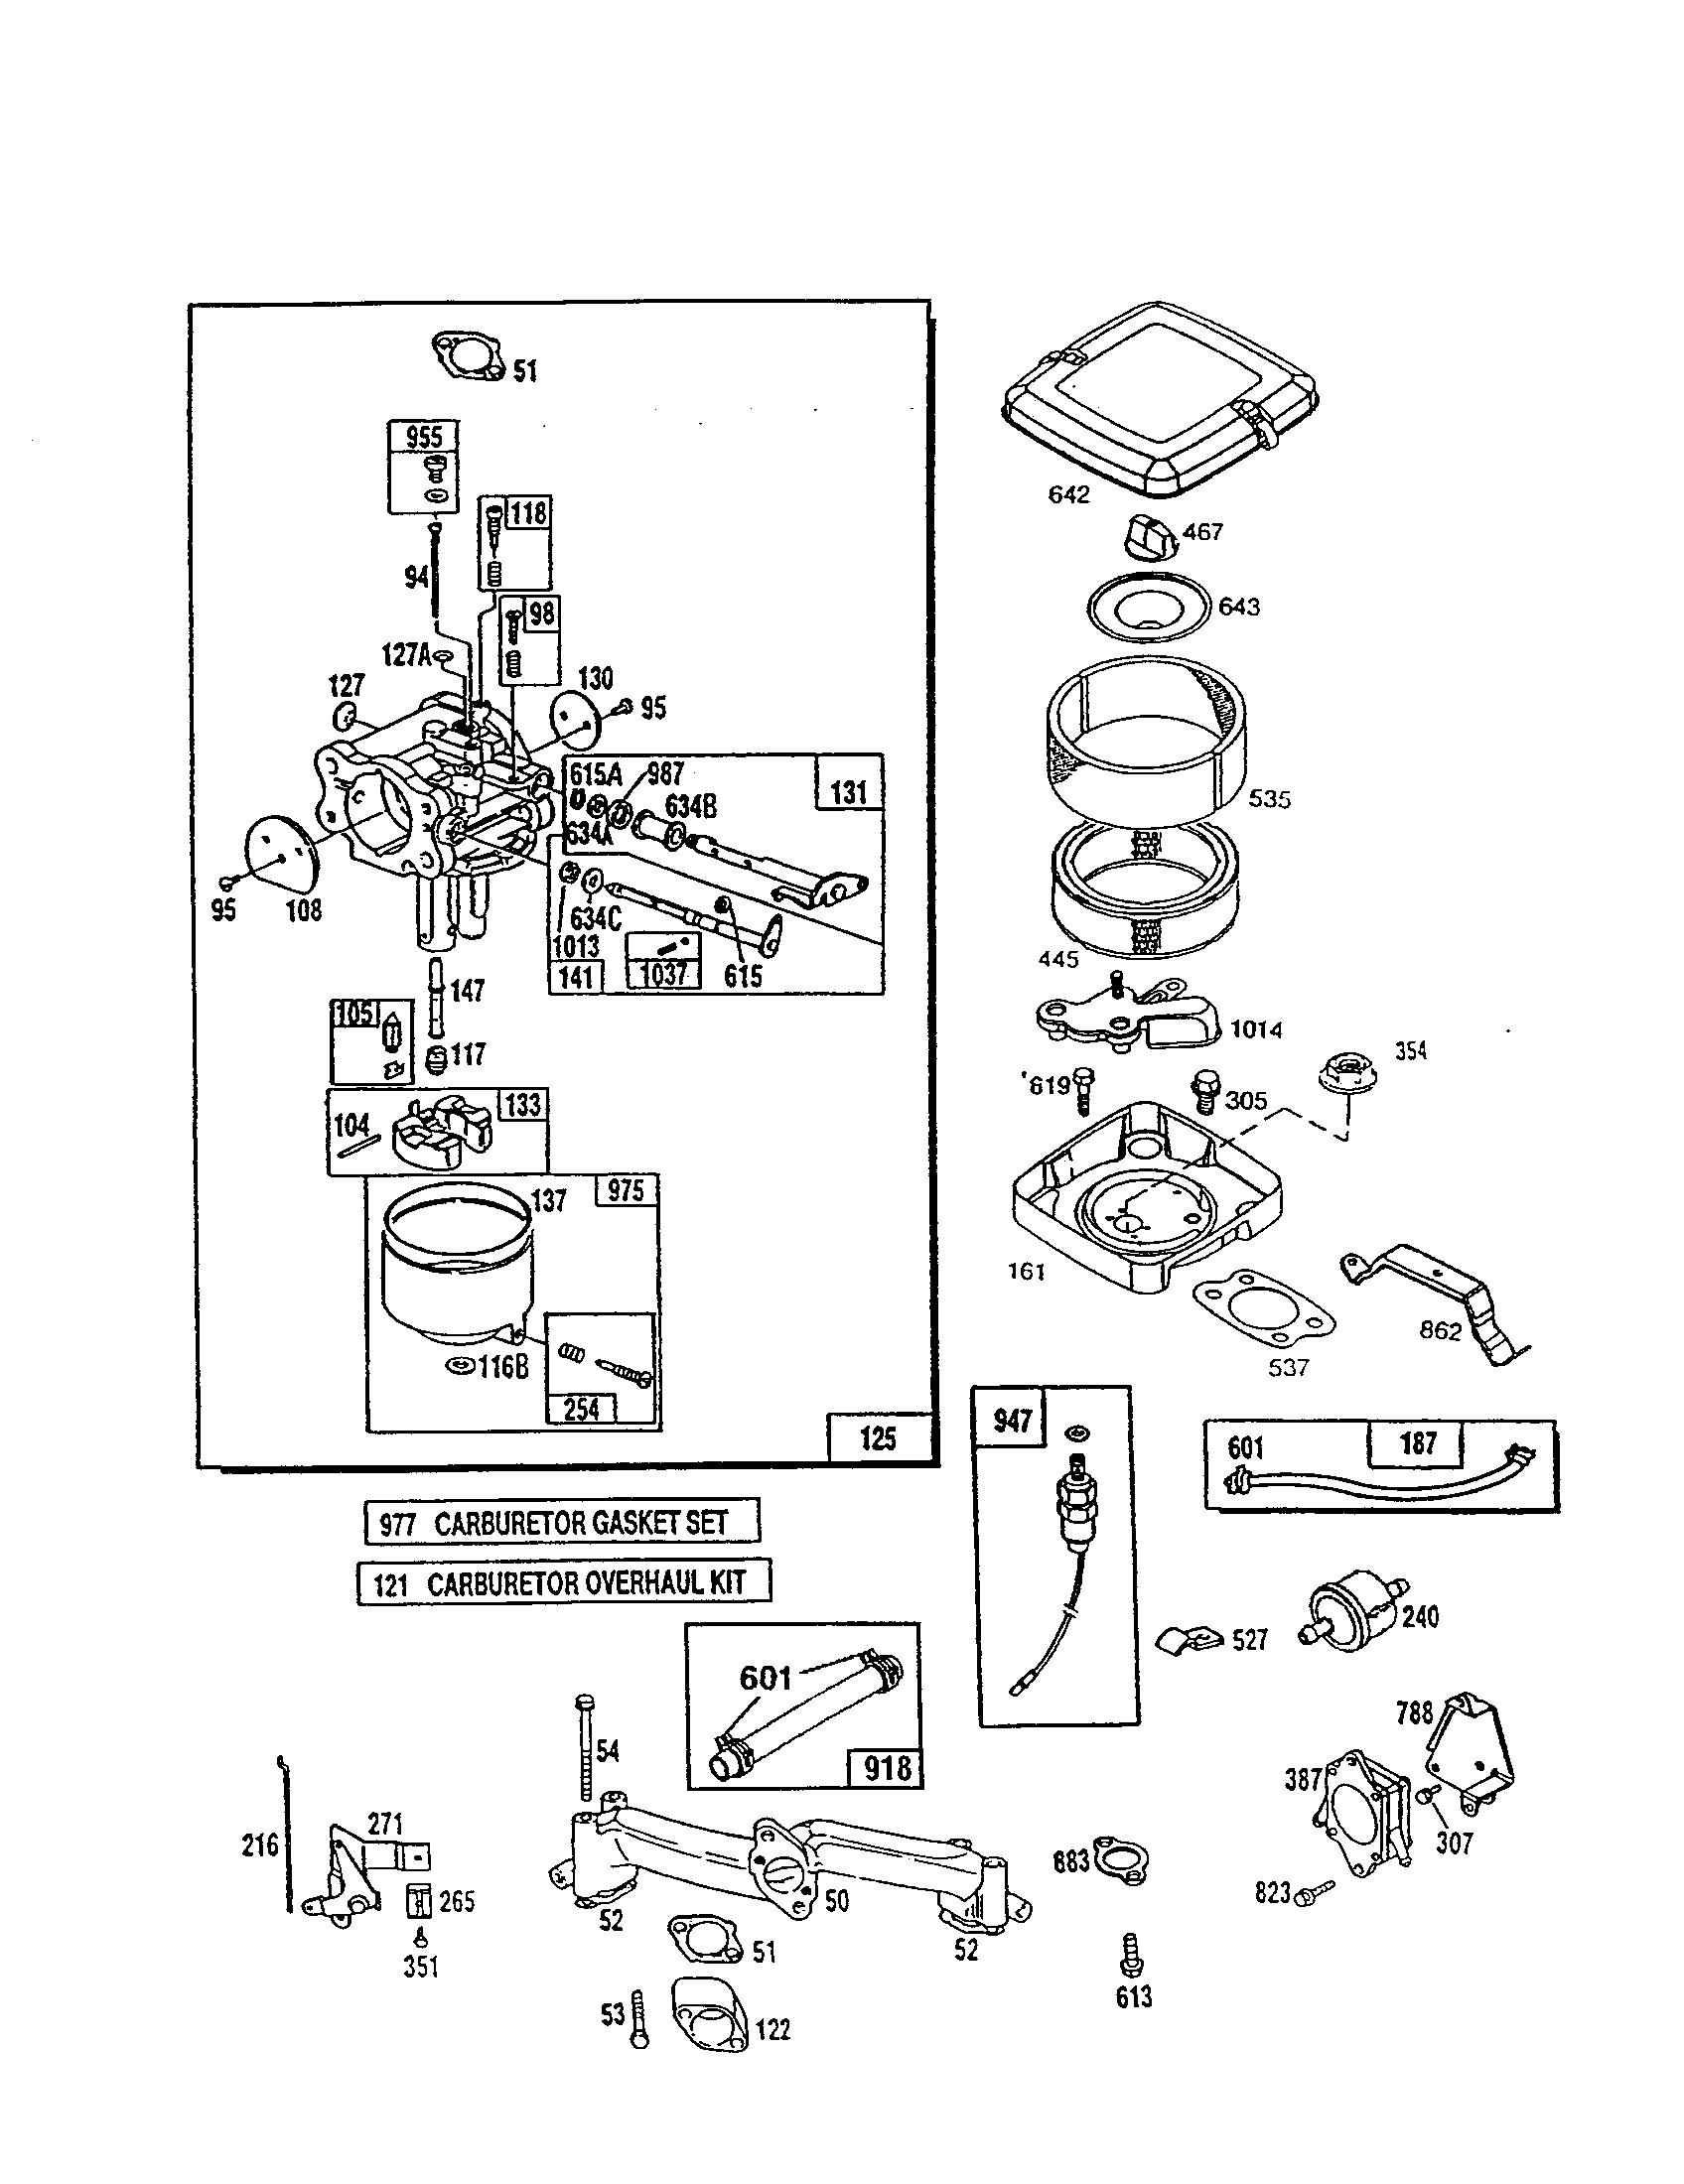 CARBURETOR Diagram & Parts List for Model 3037771032A1